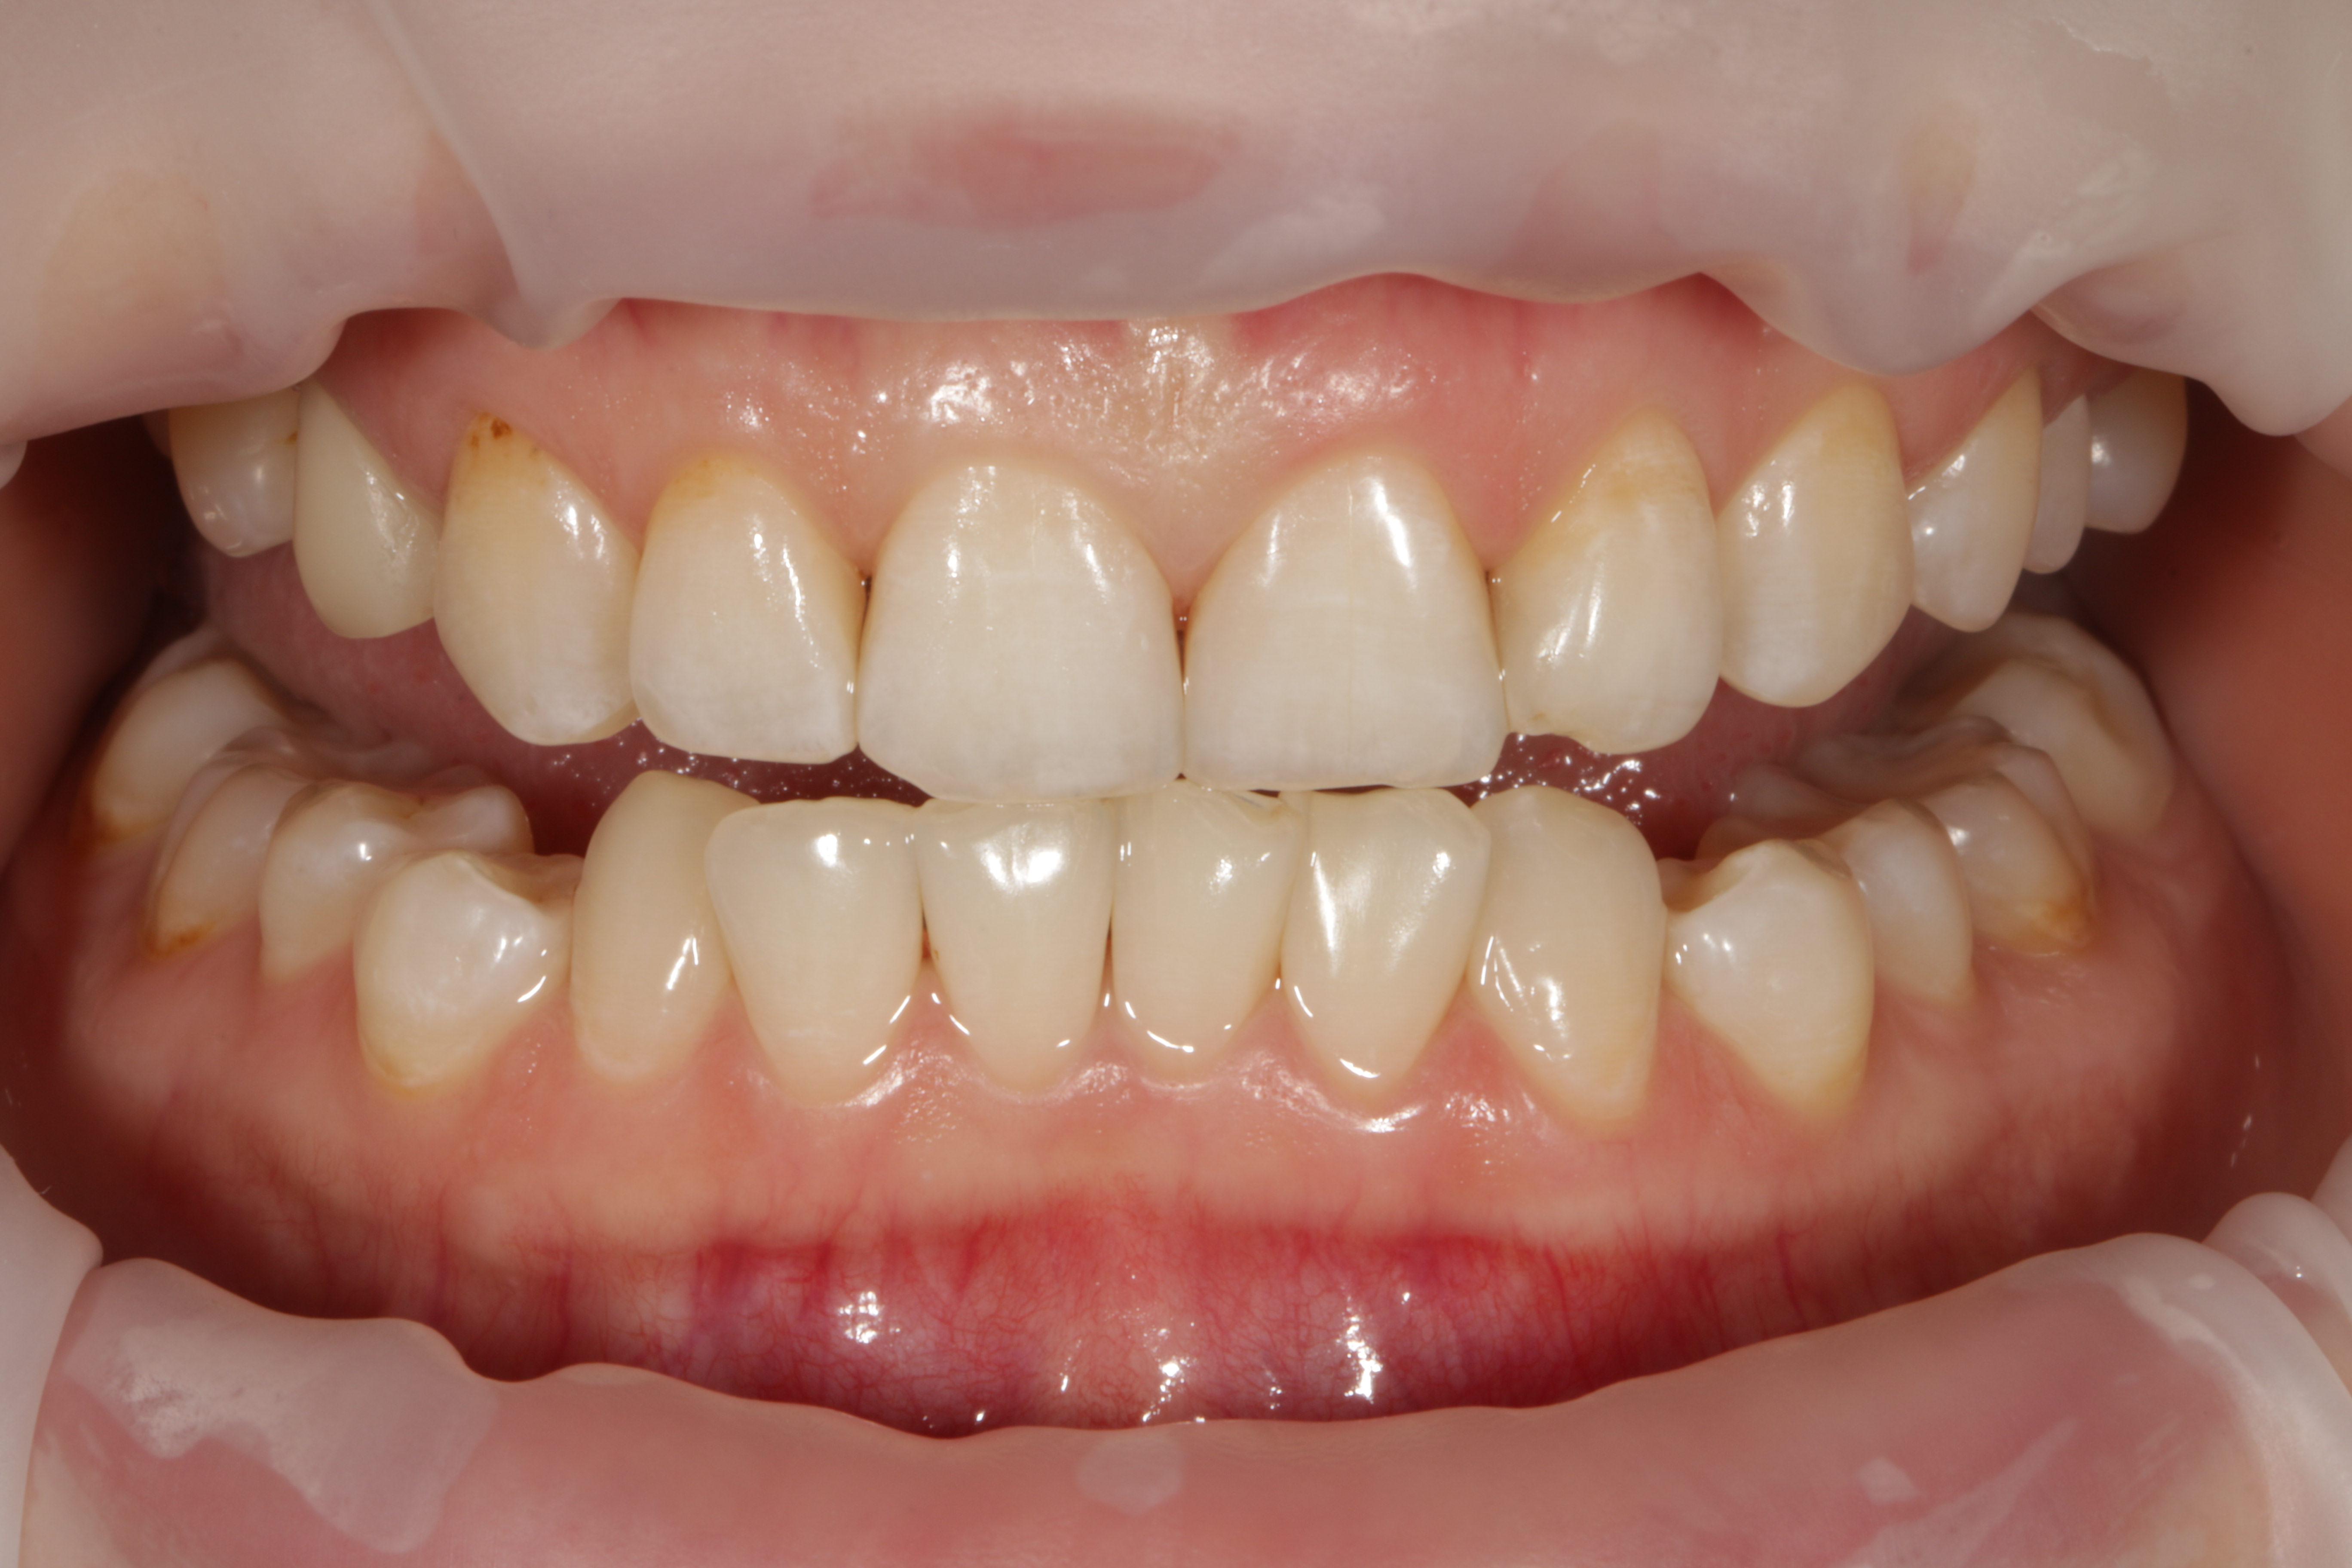 Отбеливание зубов - исходная ситуация с цветом зубов. Перед отбеливанием мы тщательно очищаем зубы от налета